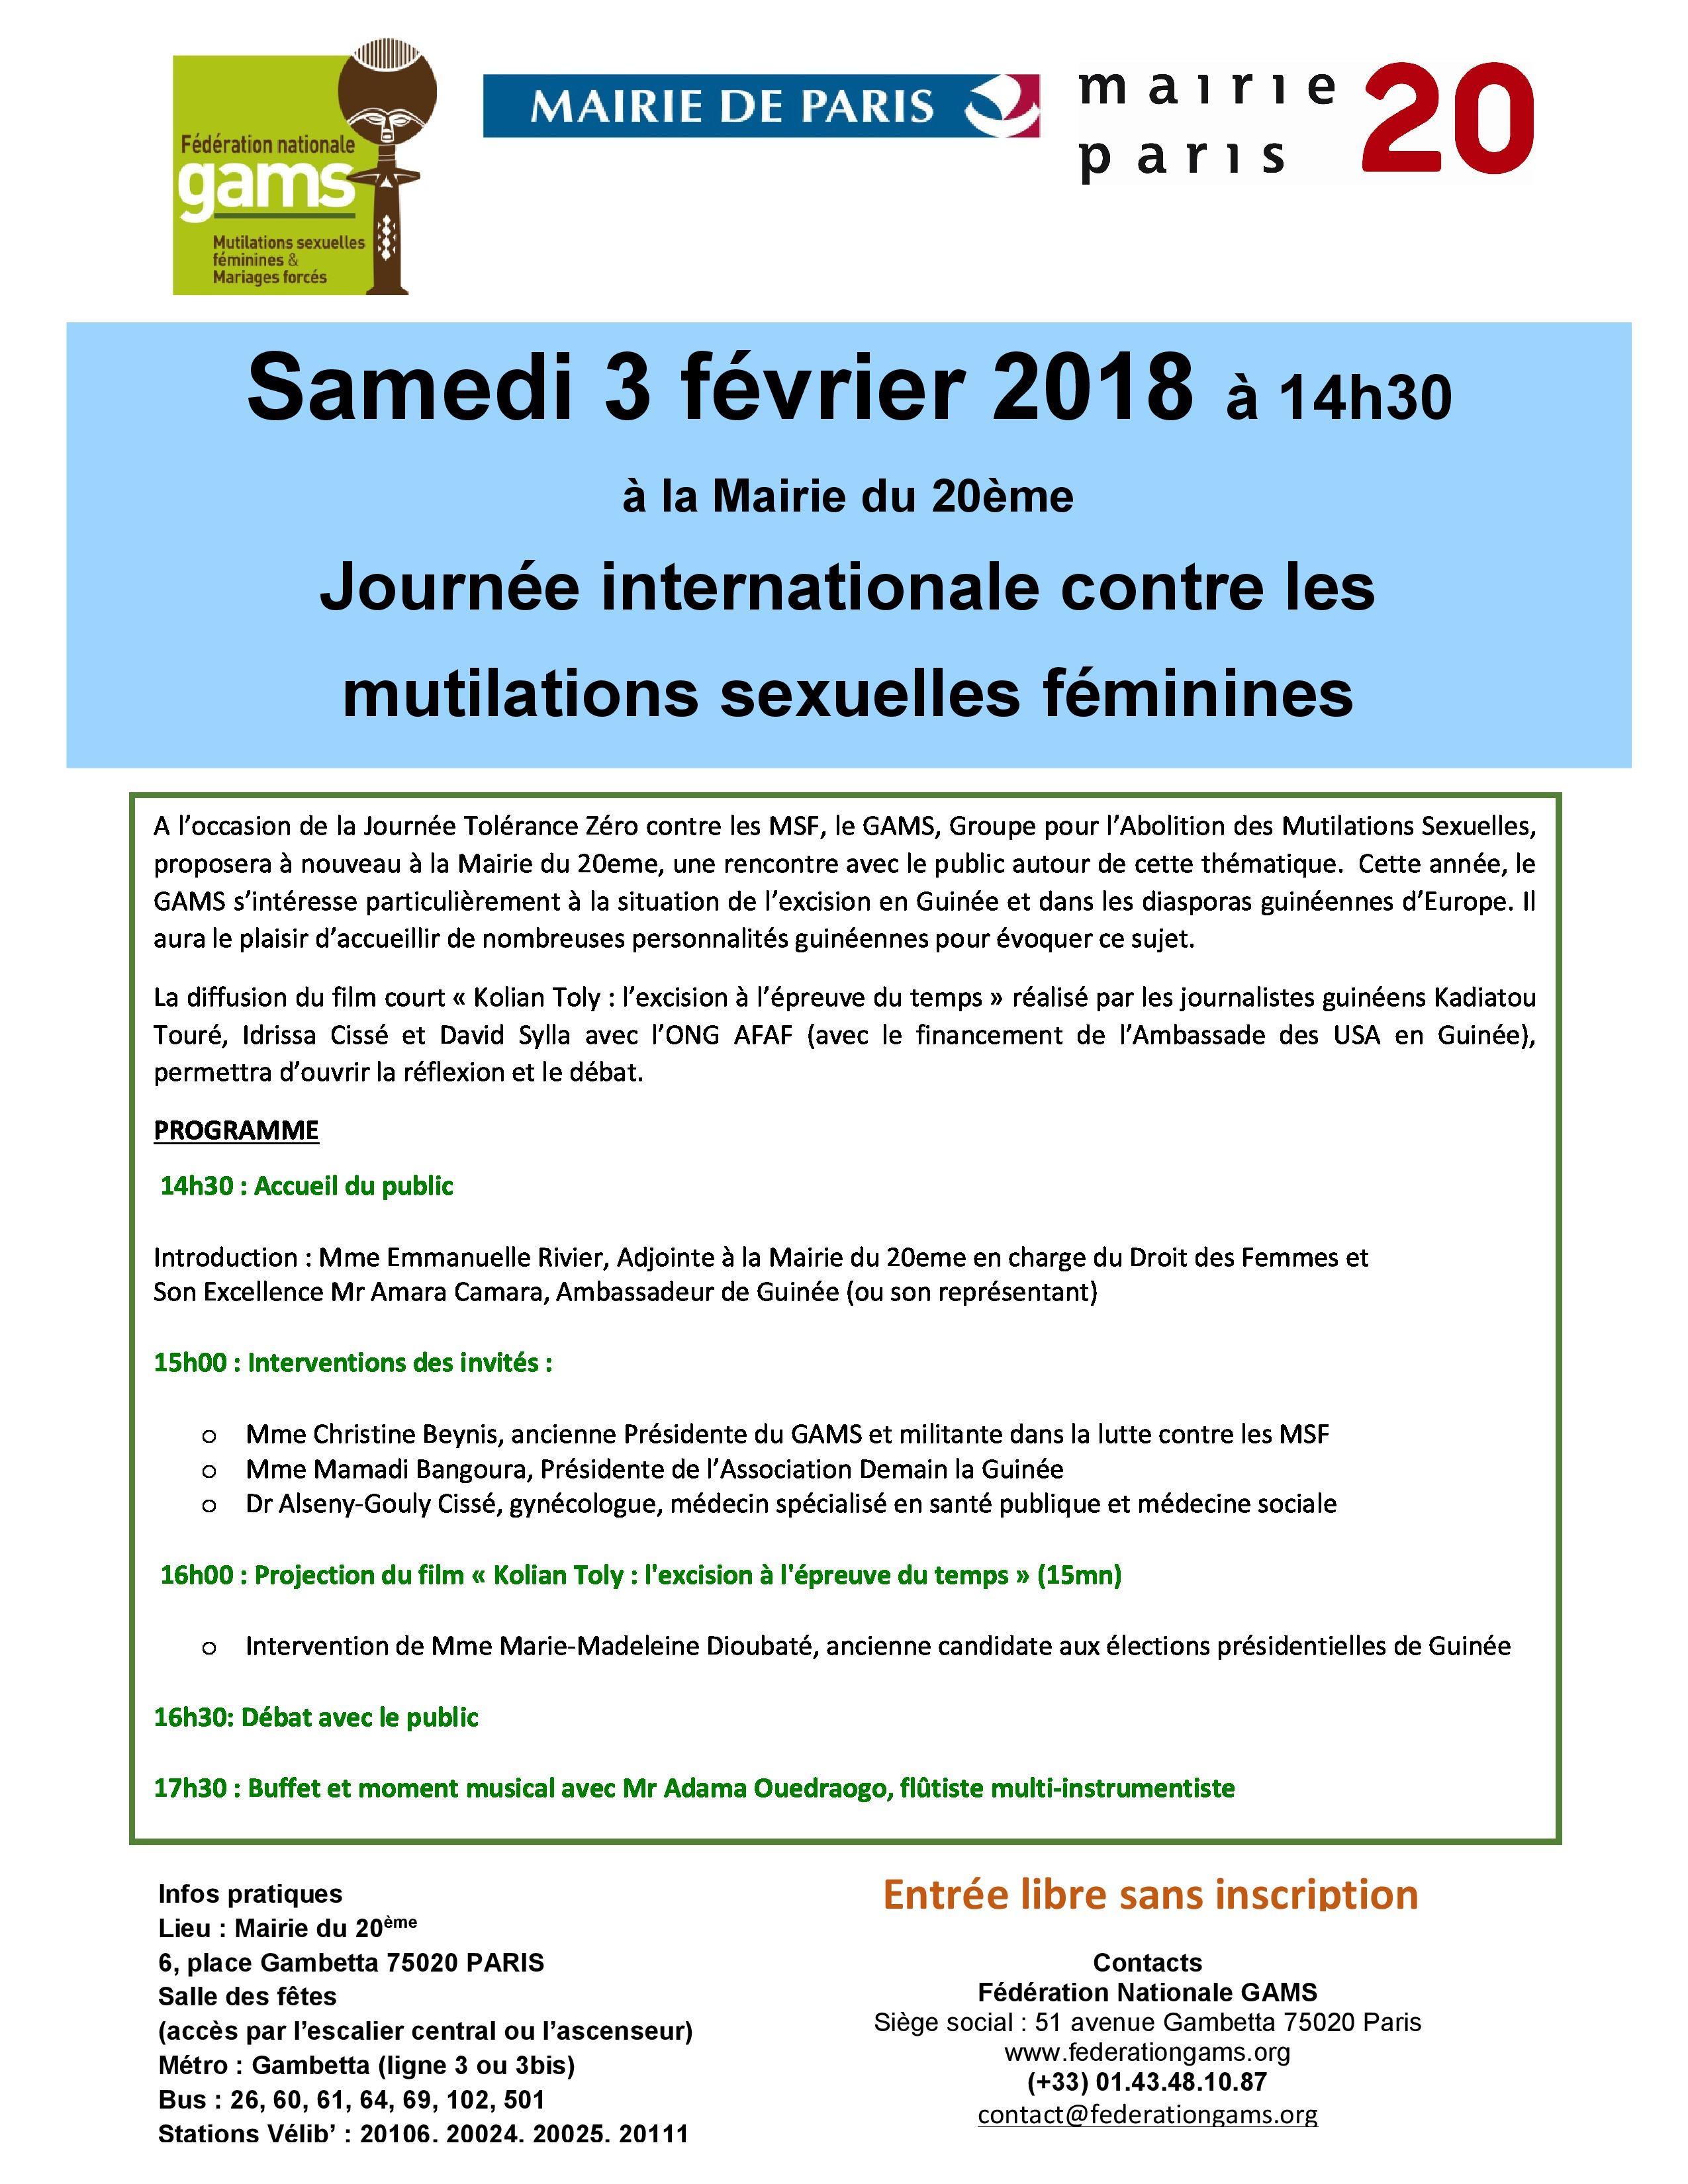 Journée internationale Tolérance Zéro aux Mutilations Sexuelles Féminines #3février2018 #Paris